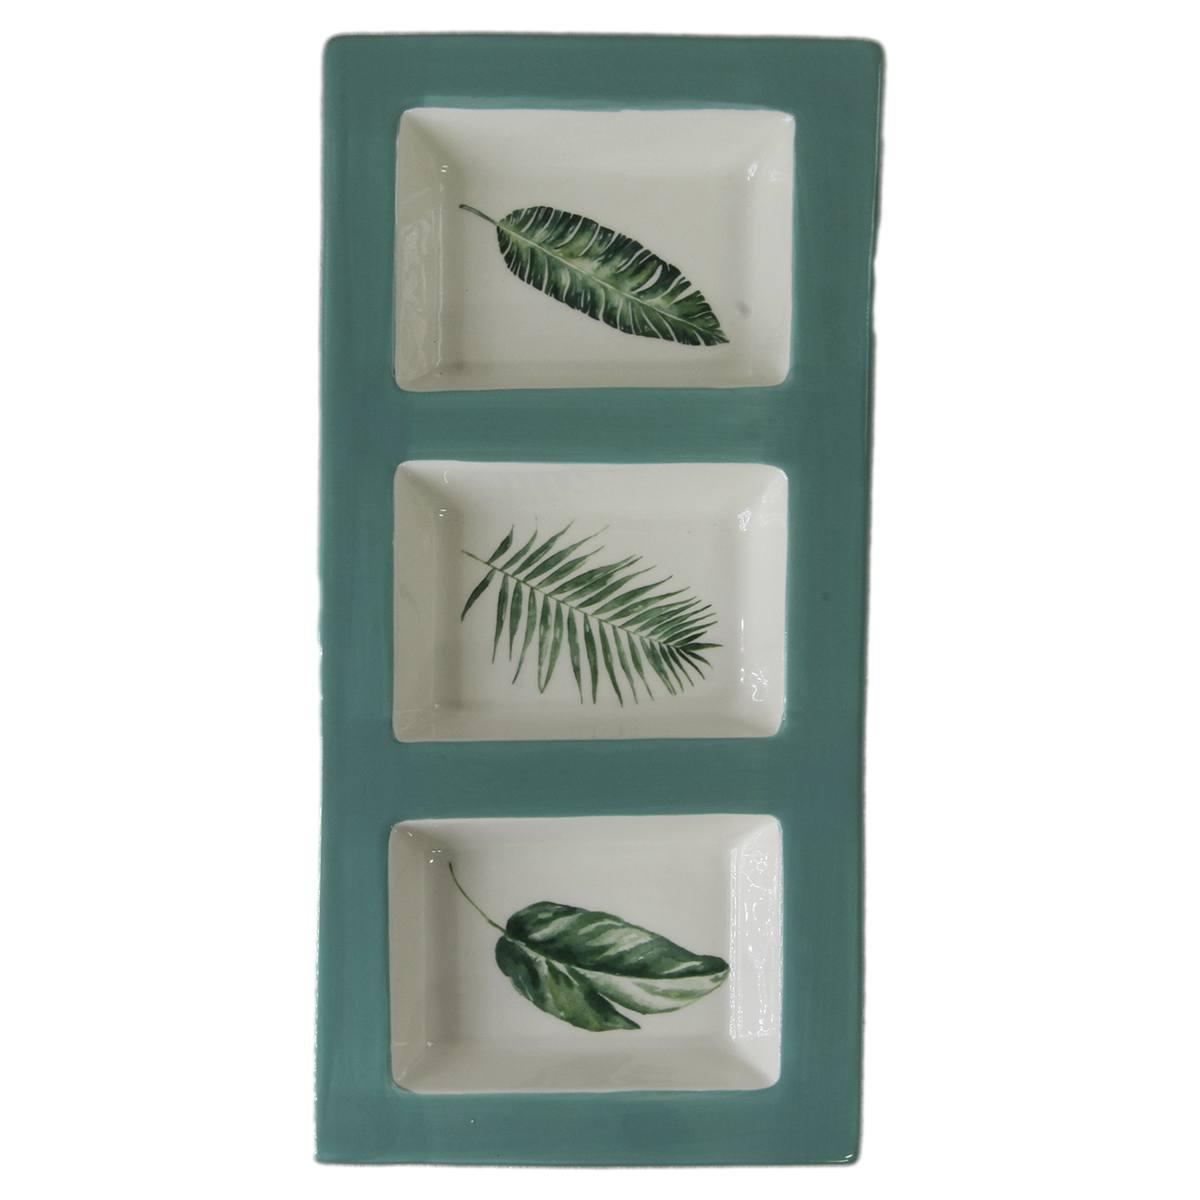 Petisqueira de cerâmica verde 3 divisões 34,8x15,8x3,5cm BTC